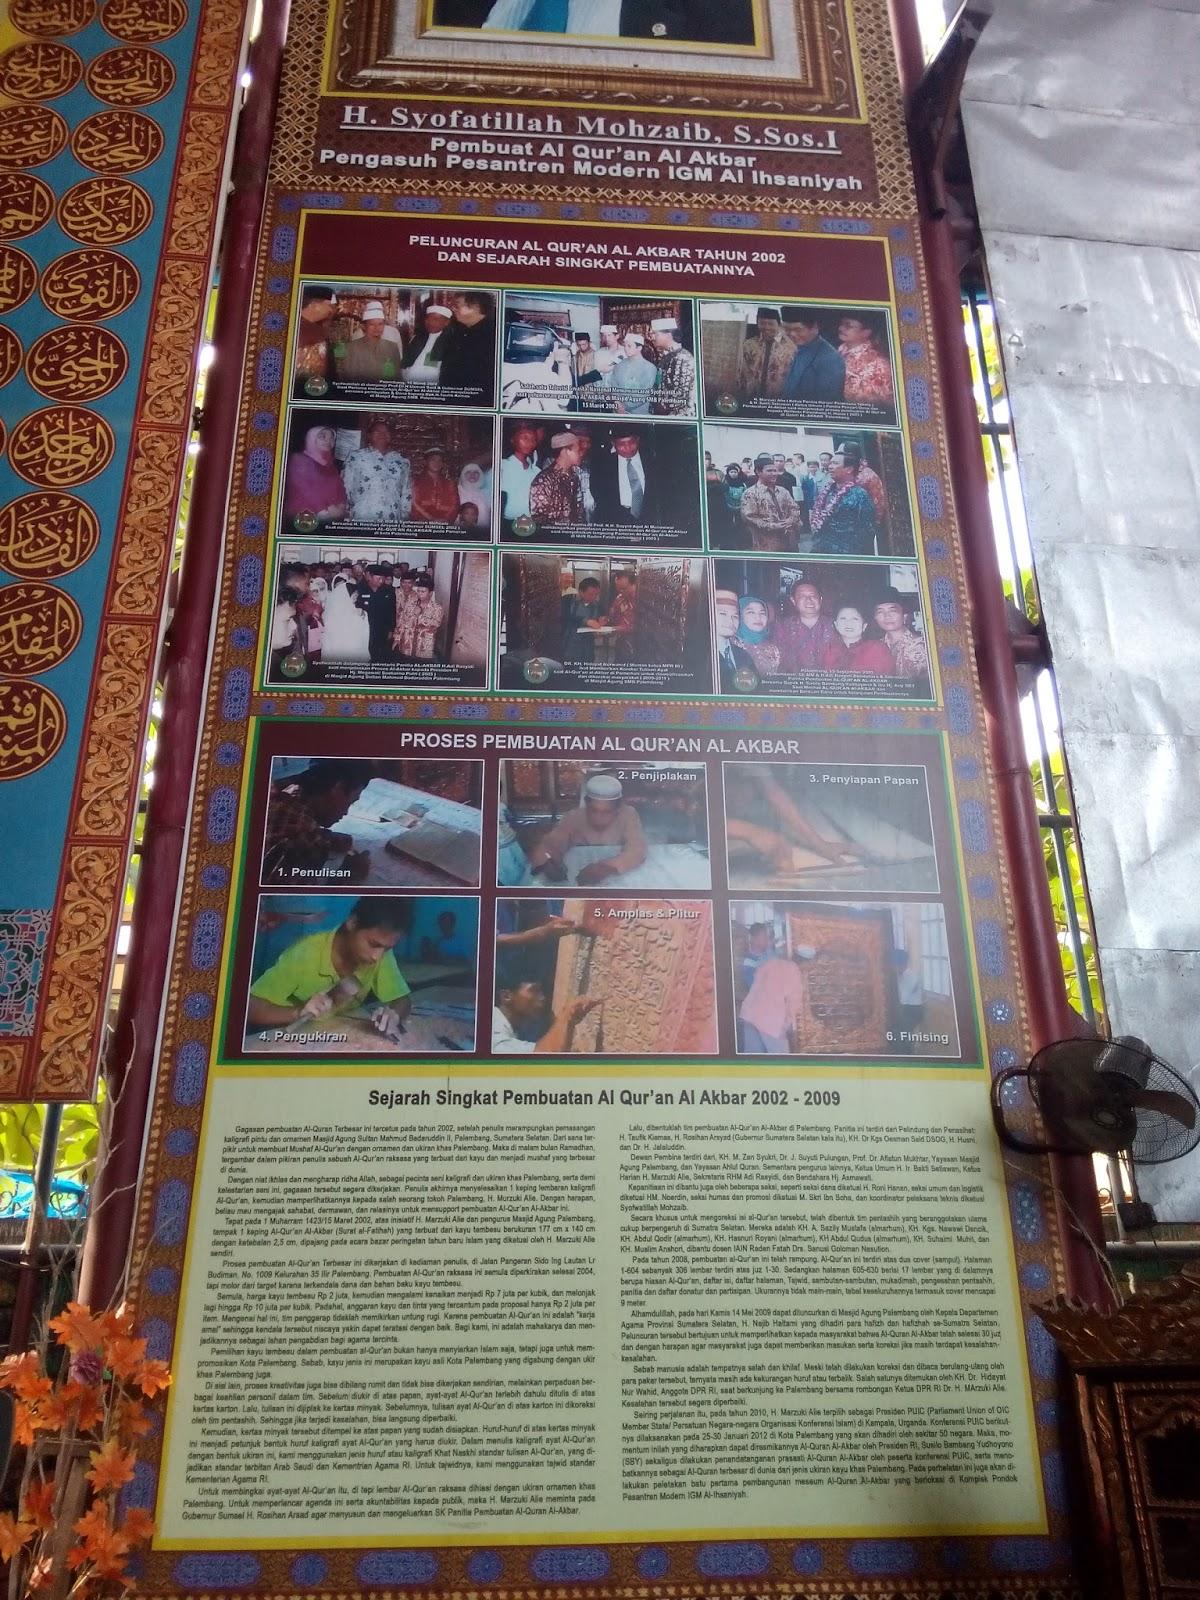 Al Qur Ukiran Terbesar Palembang Salah Satu Sisi Museum Menjelaskan